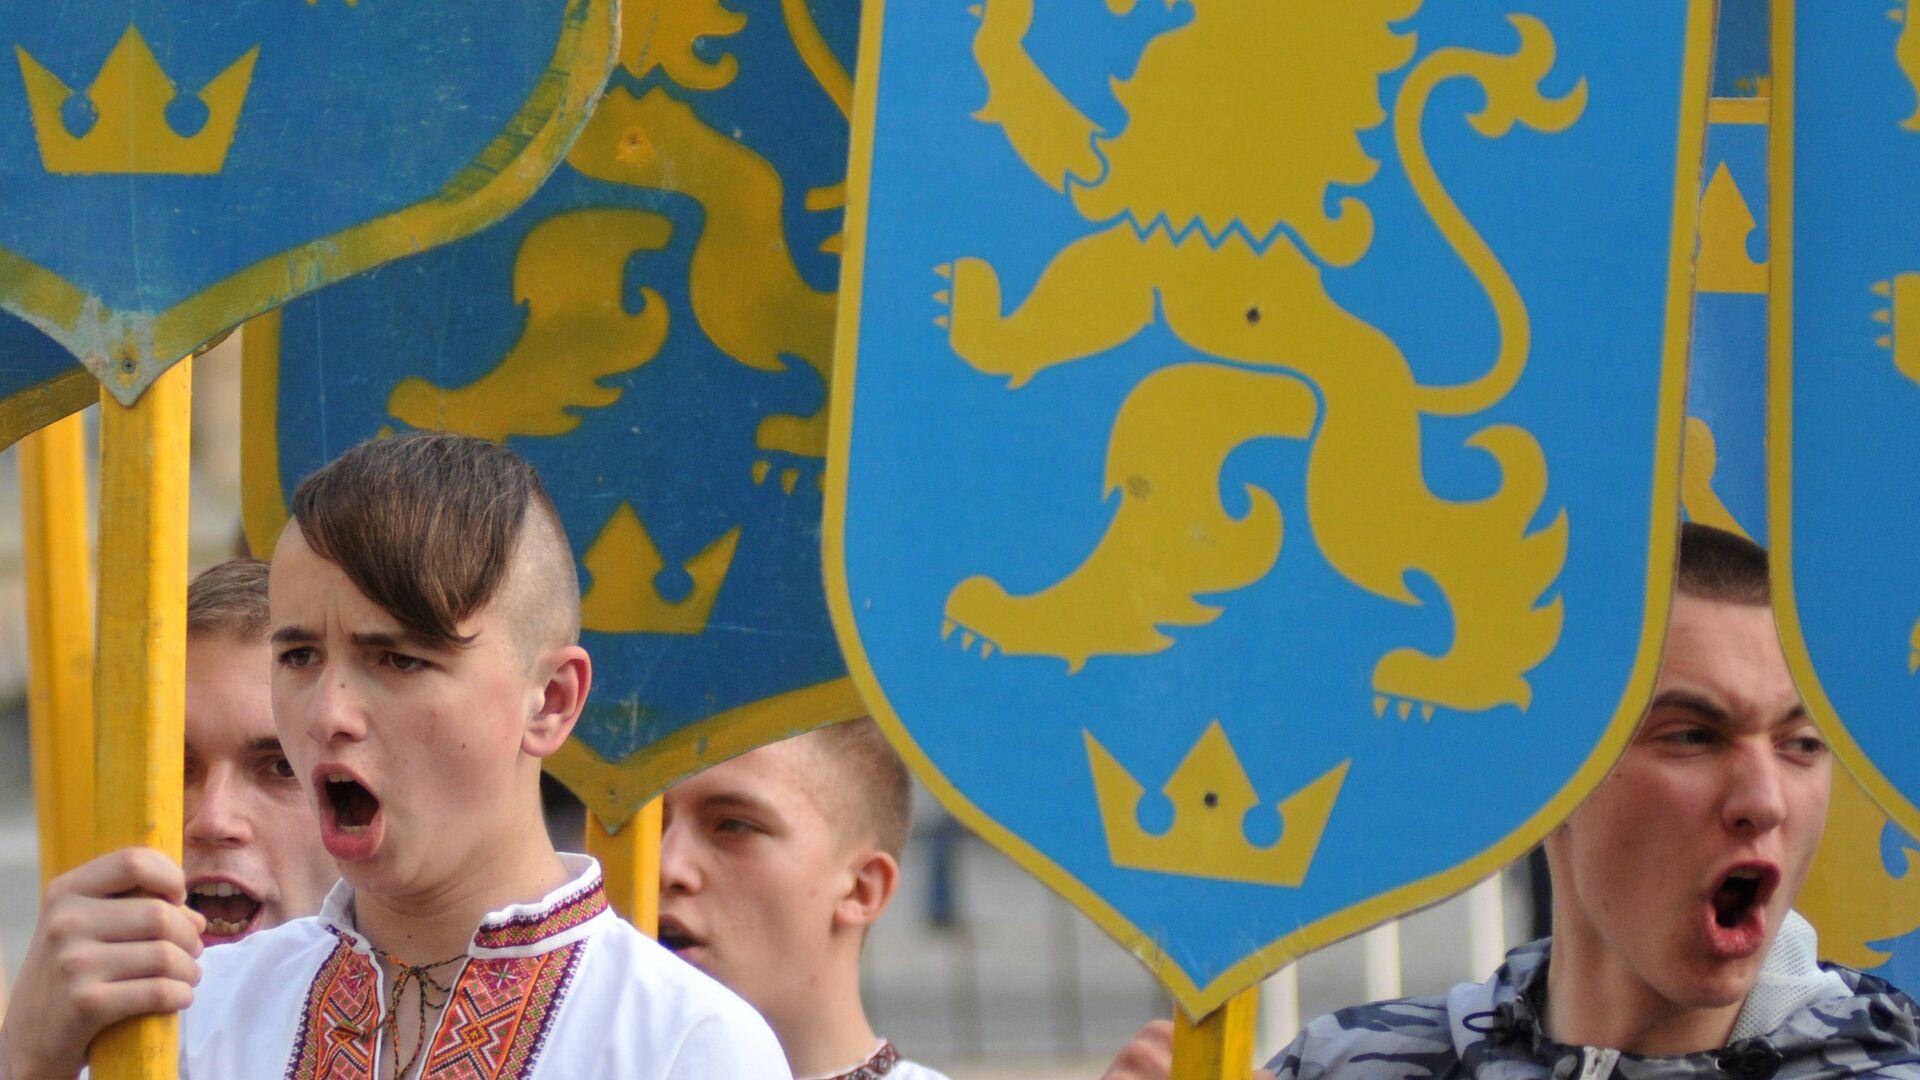 Участники марша в честь годовщины создания дивизии СС Галичина во Львове. 2014 год - РИА Новости, 1920, 14.06.2021